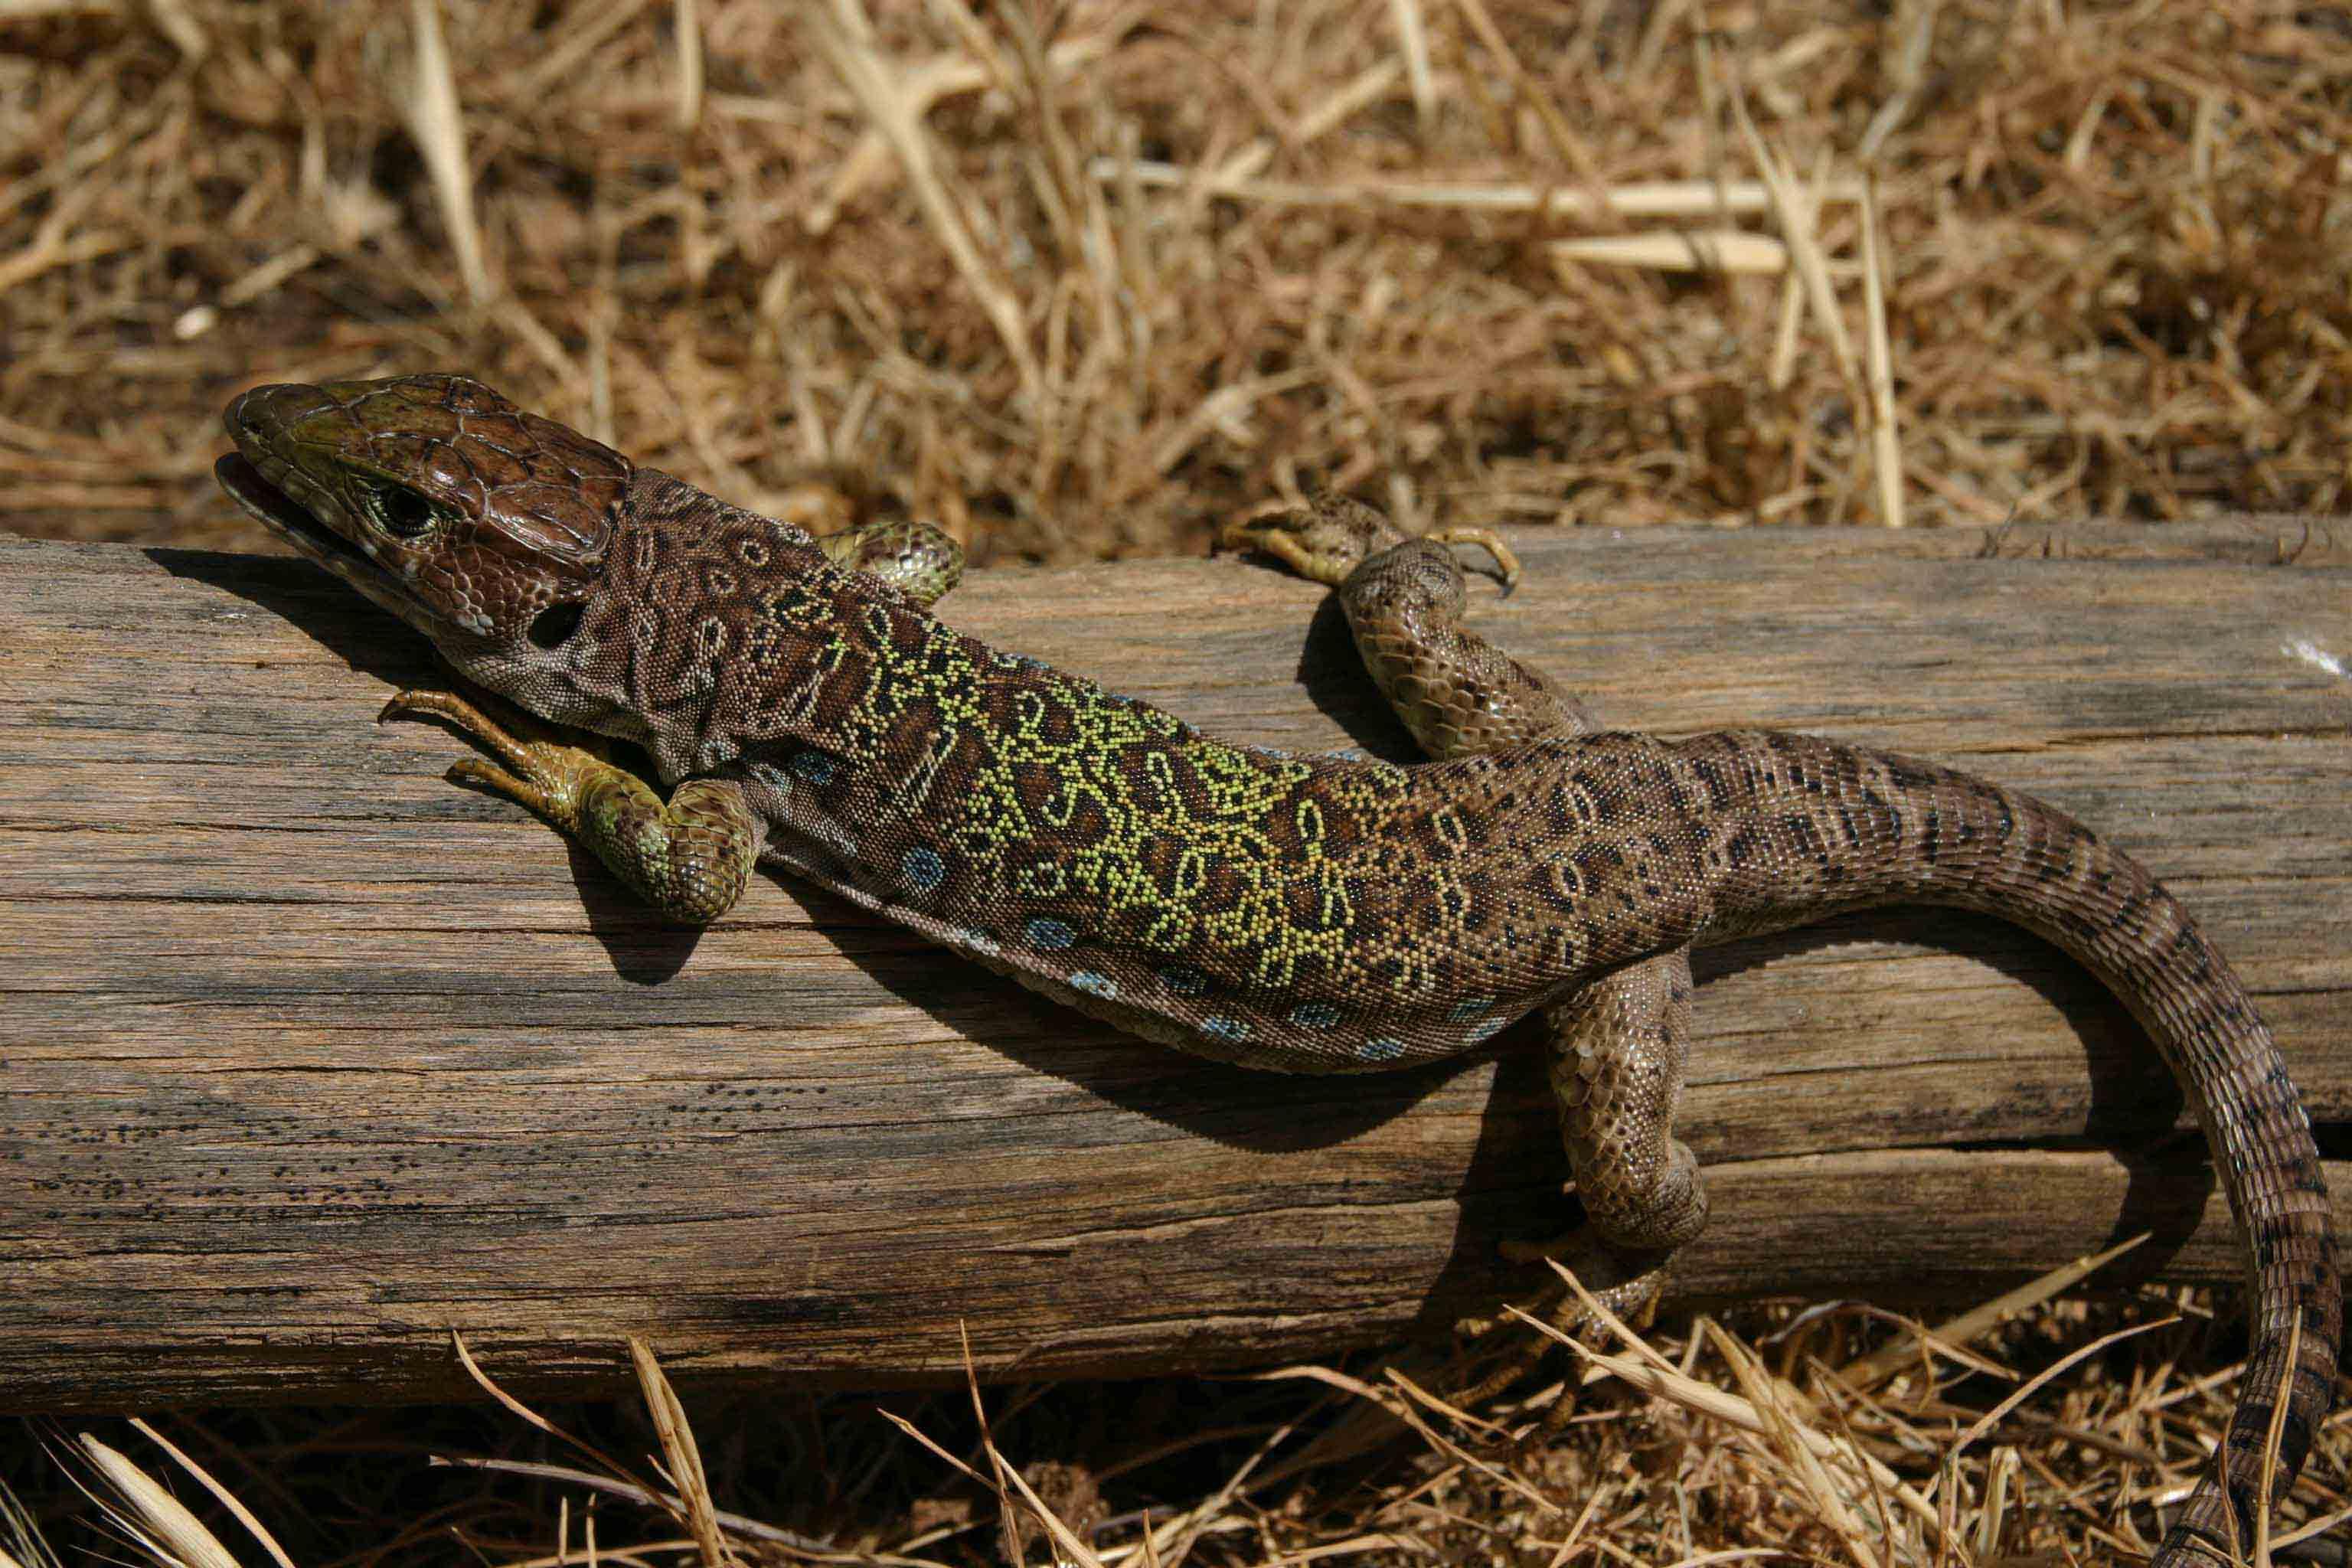 Sub-adult Ocellated lizard (Timon lepidus nevadensis)